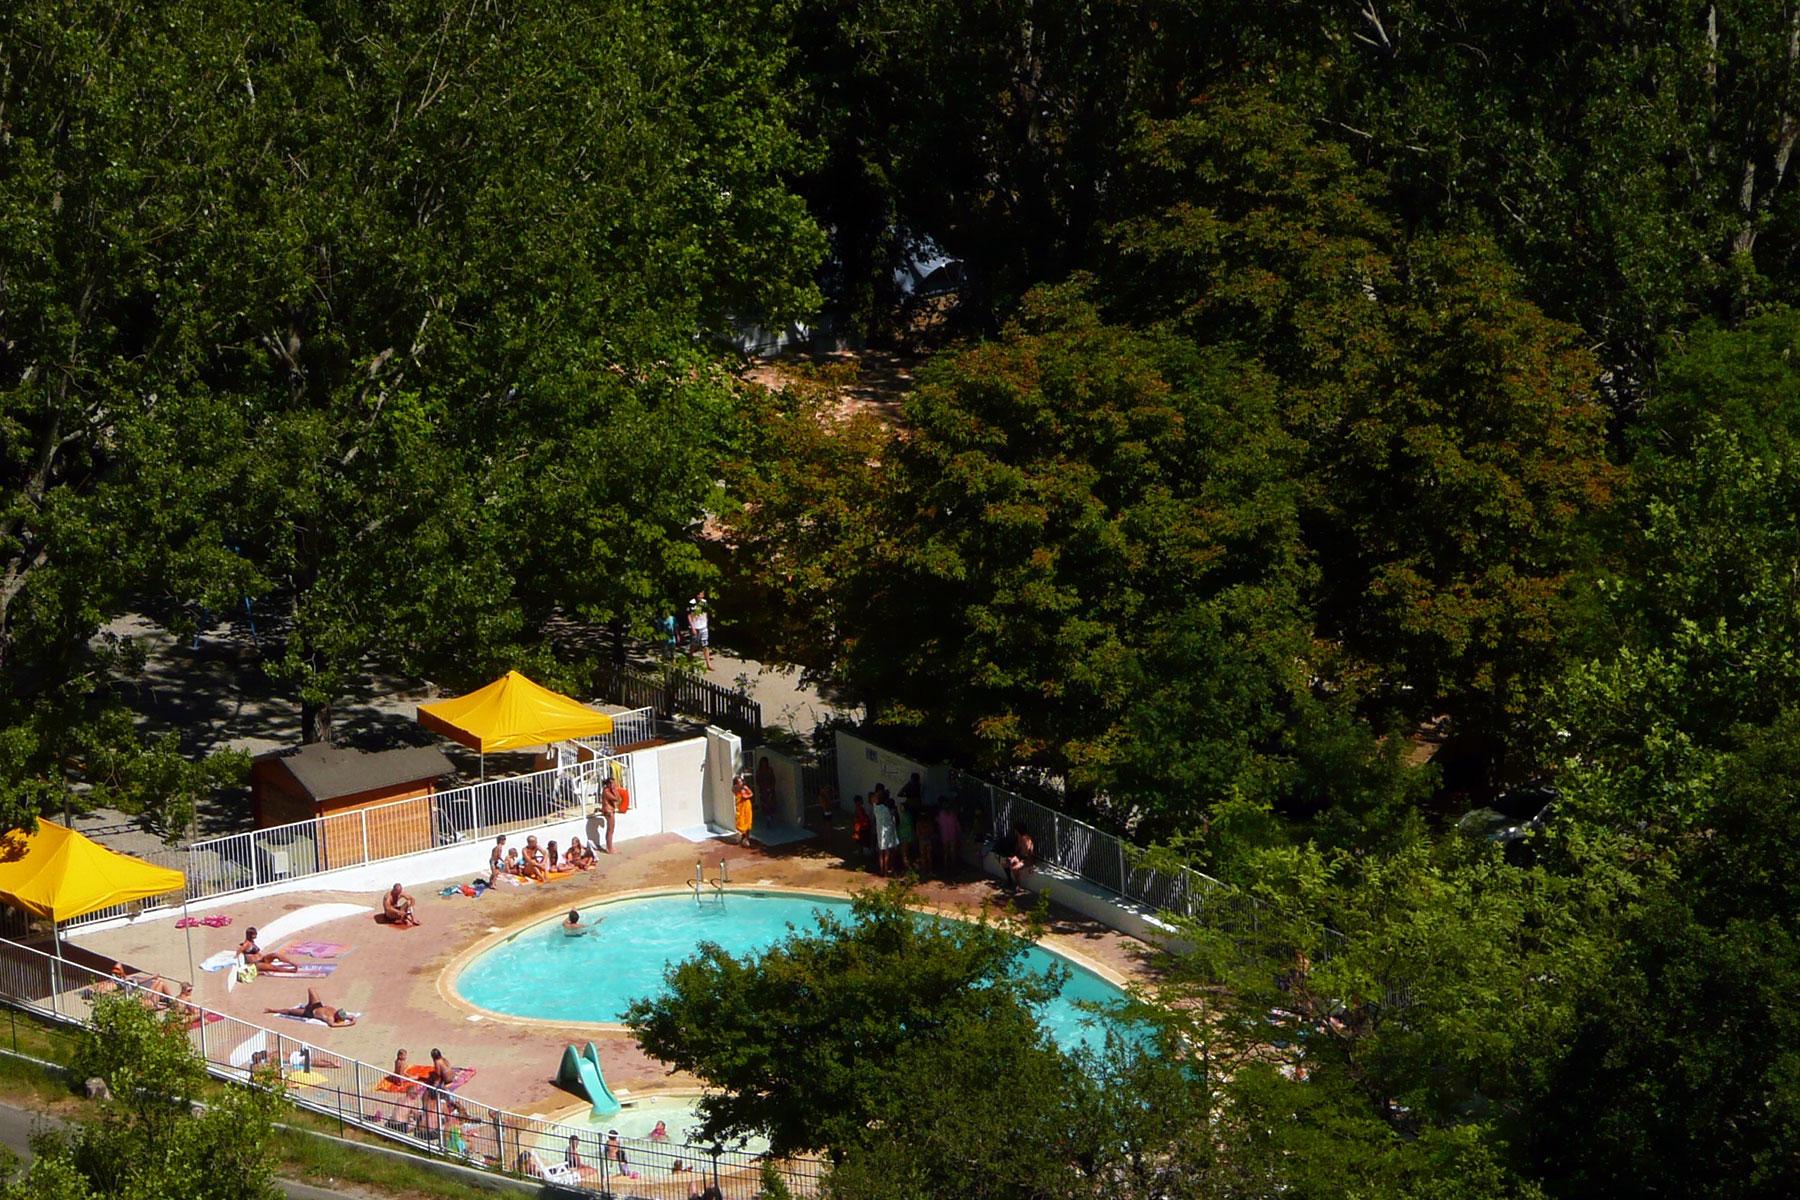 camping verdon piscine chauffe - Camping Dans Le Verdon Avec Piscine